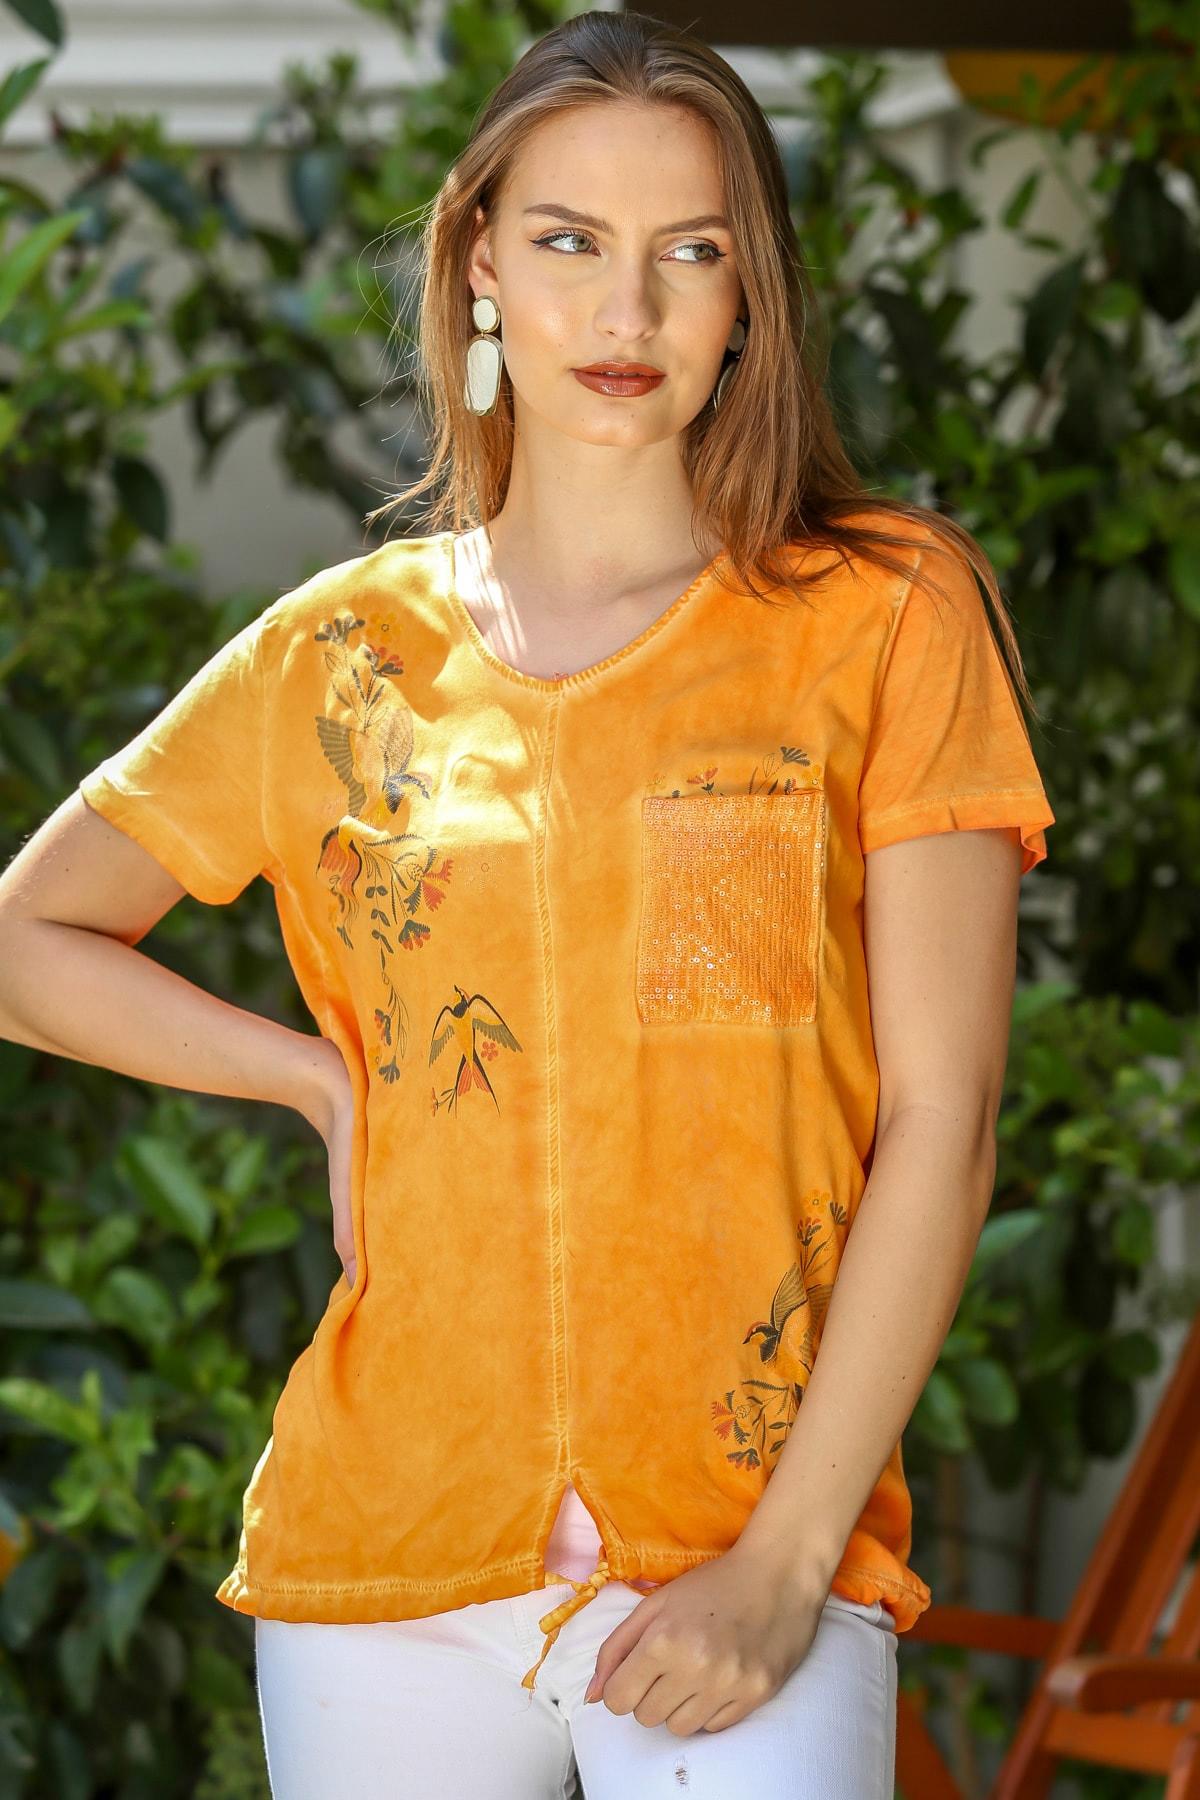 Chiccy Kadın Turuncu Kırlangıç Kuşu Baskılı Pullu Cepli Etek Ucu İp Bağlamalı Dokuma Bluz M10010200BL95288